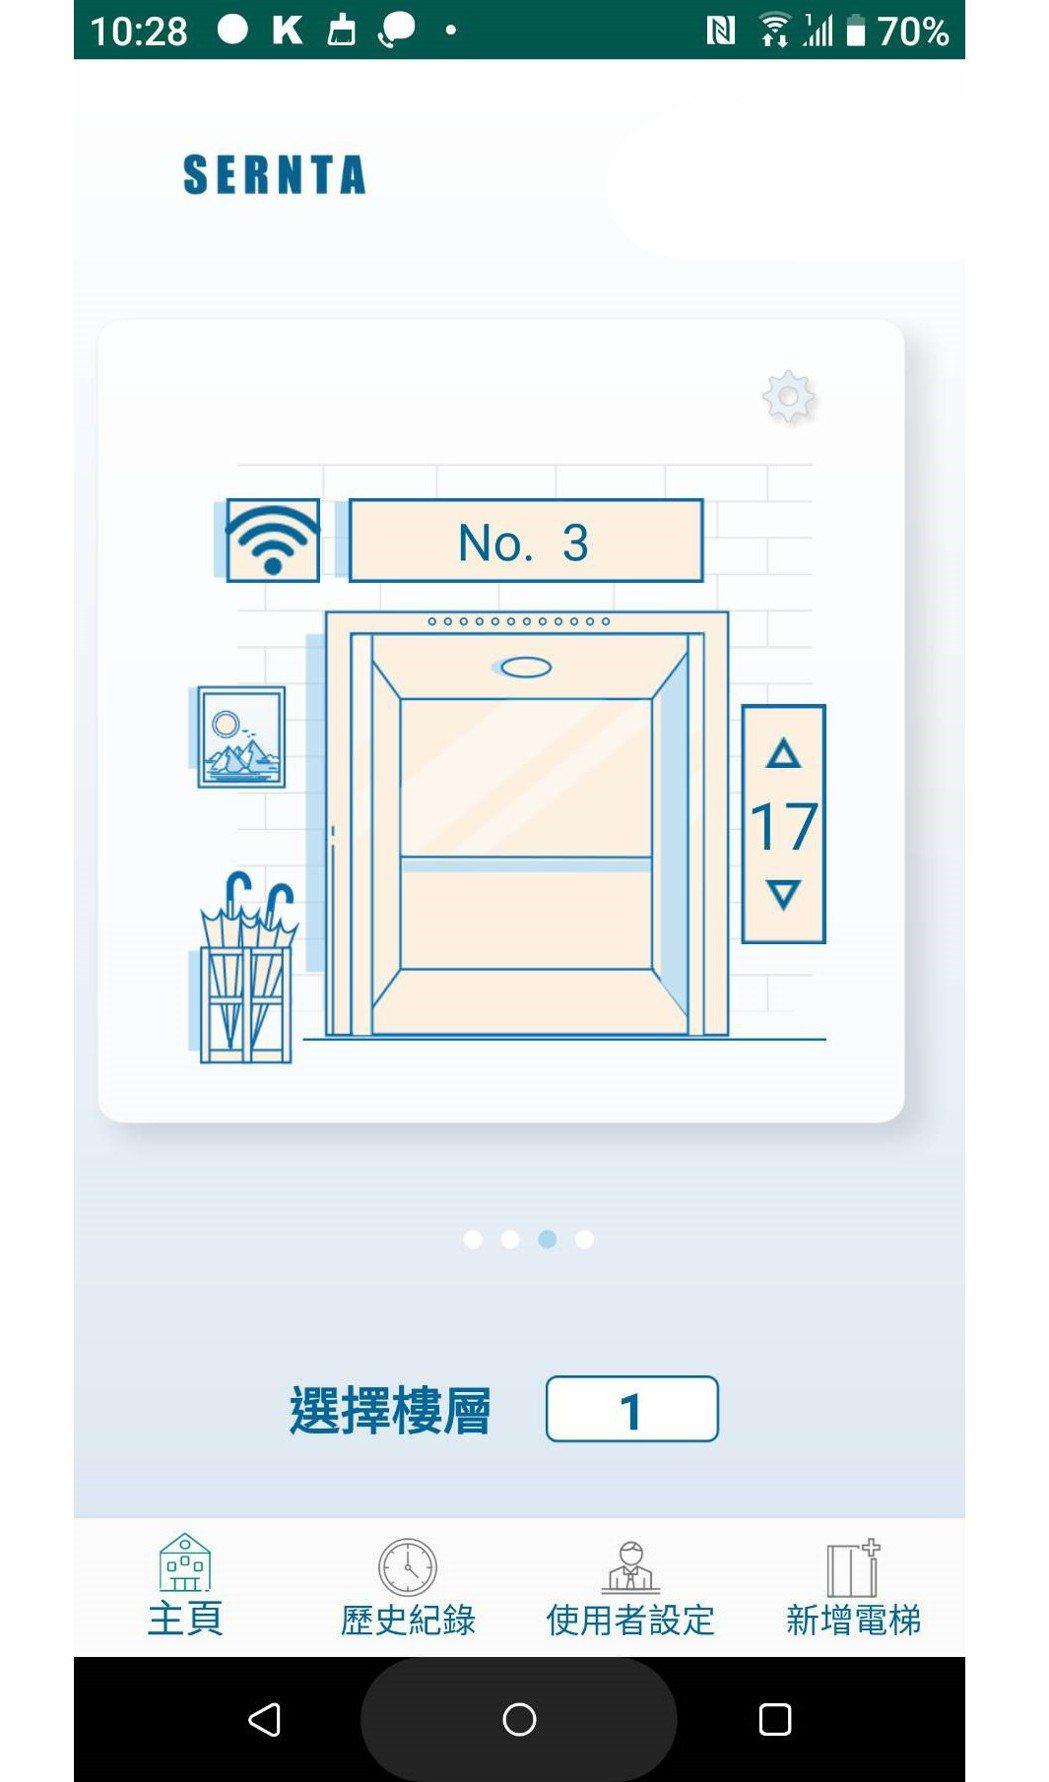 藉由手機App的操作可提前預訂電梯及預計抵達之樓層,電梯使用者根本不需手觸碰電梯...